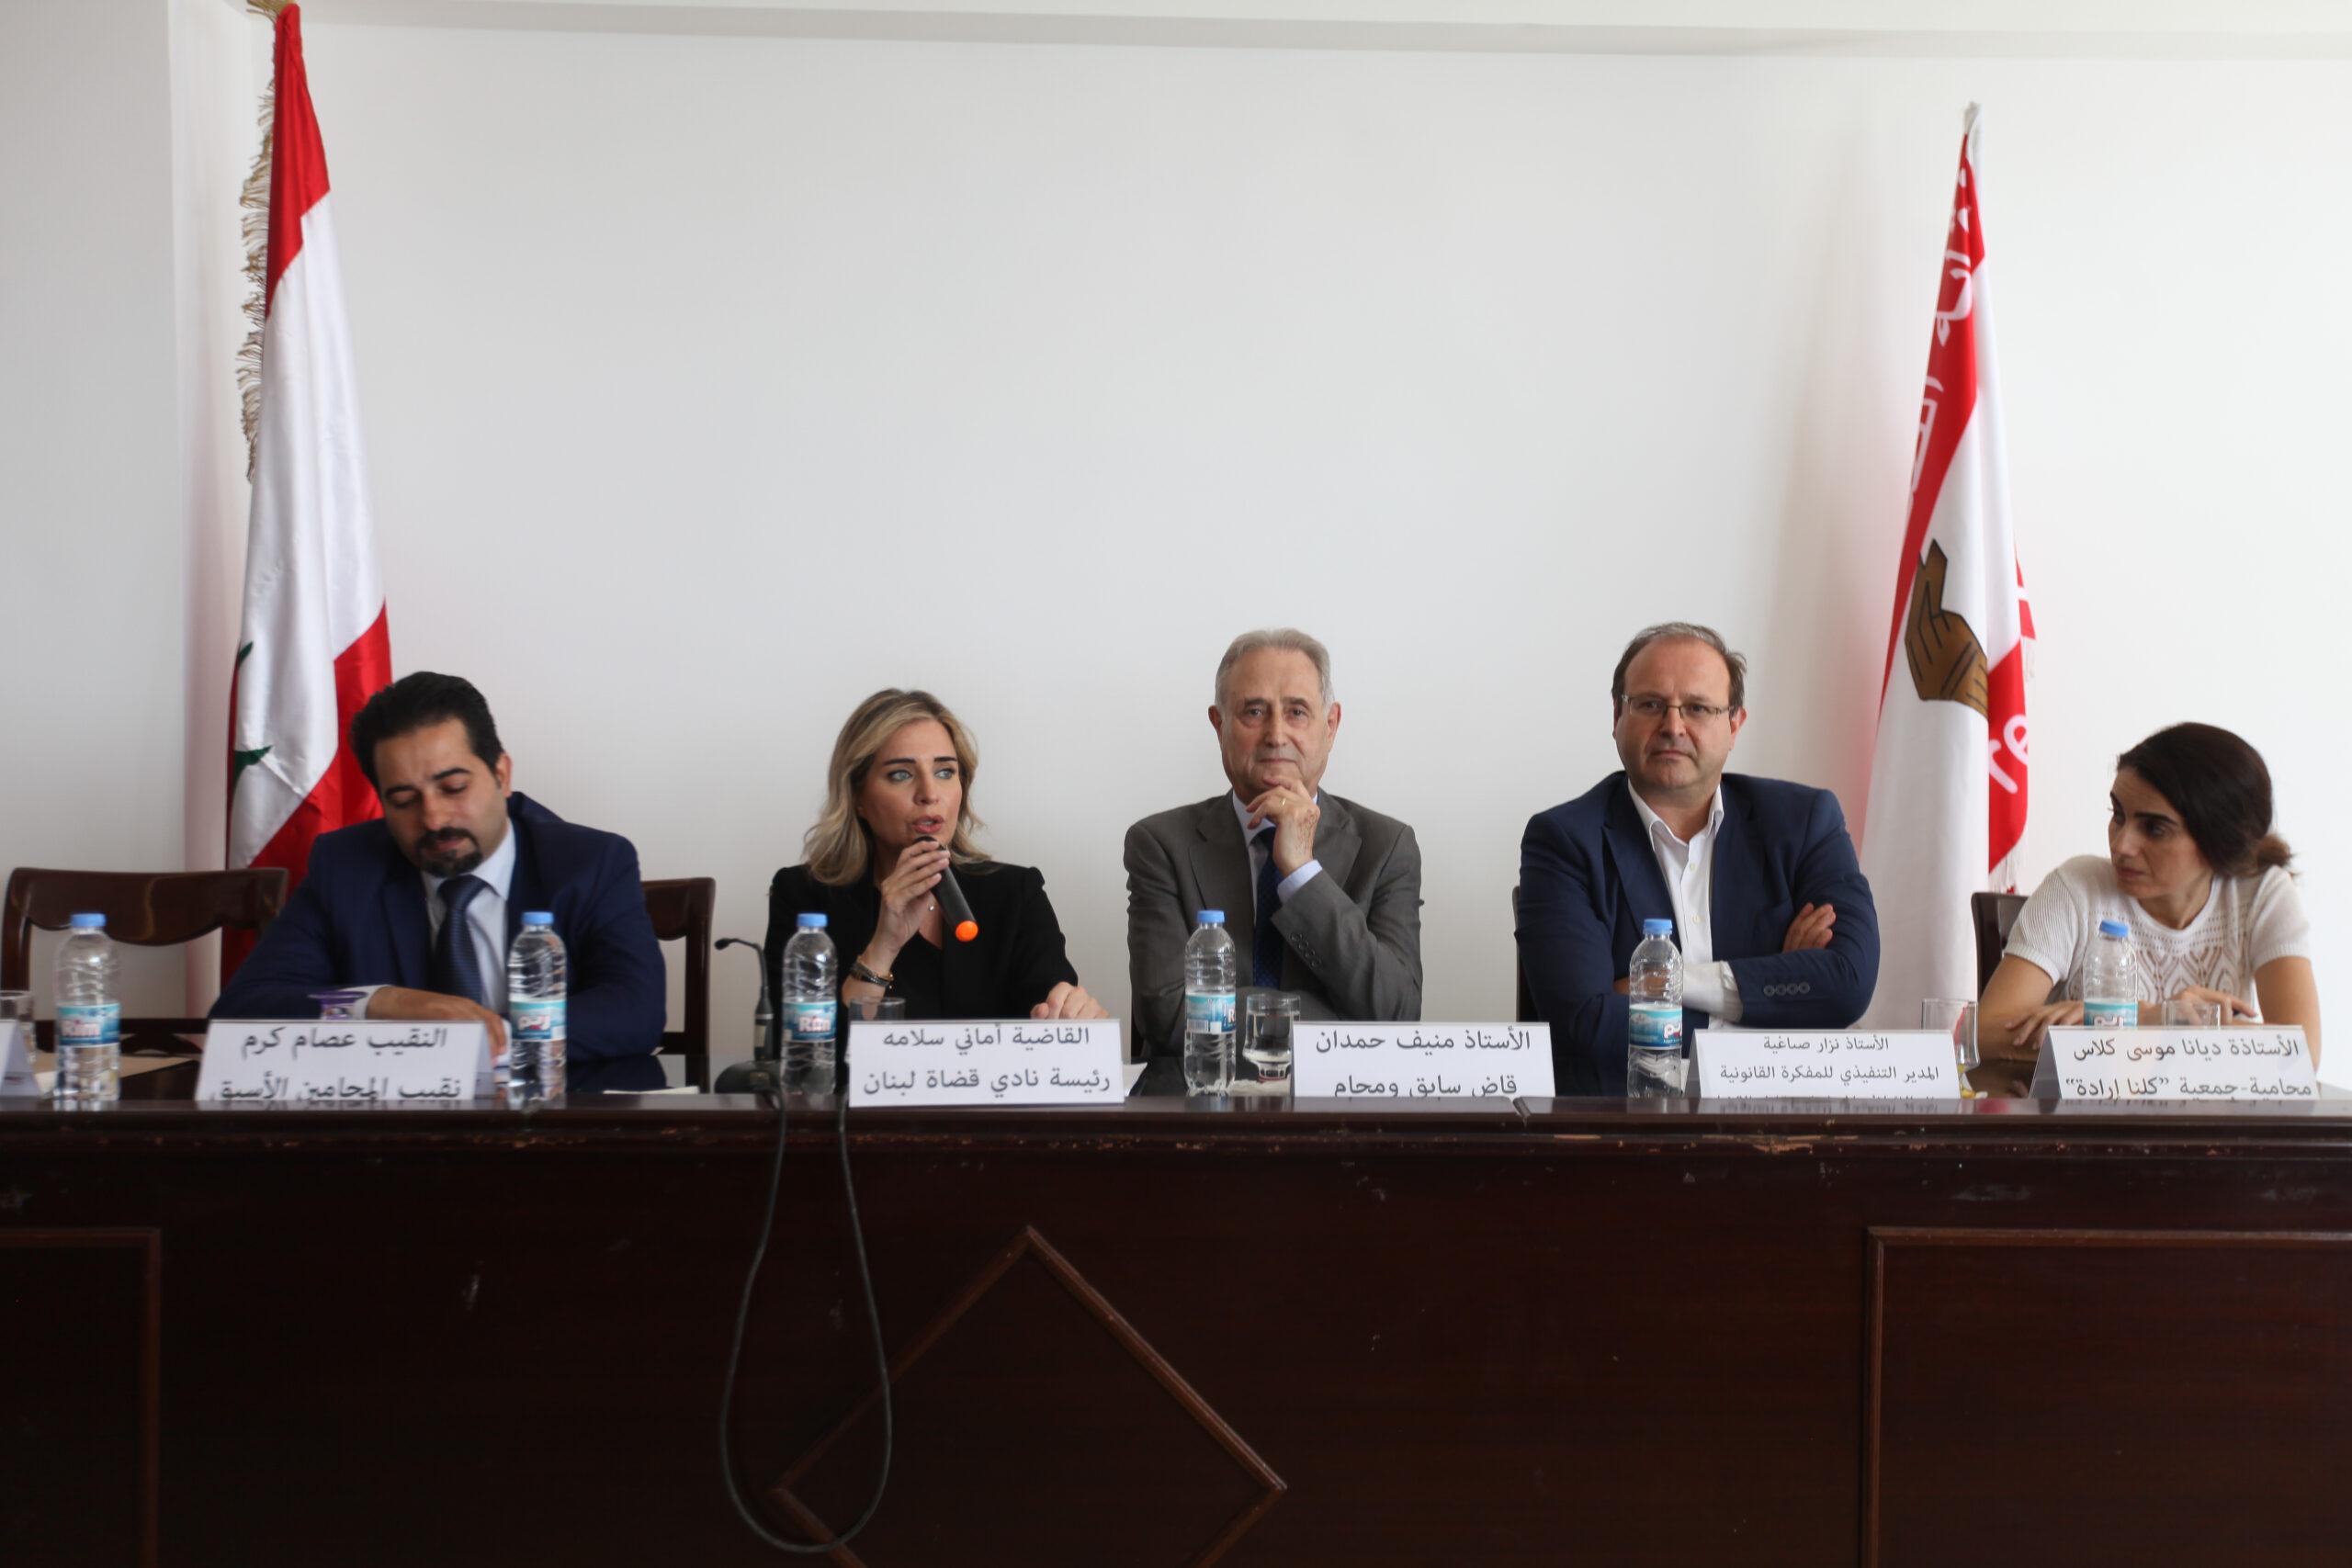 حين احتكم نادي قضاة لبنان إلى الشعب: القضاء ليس بخير، لبنان ليس بخير